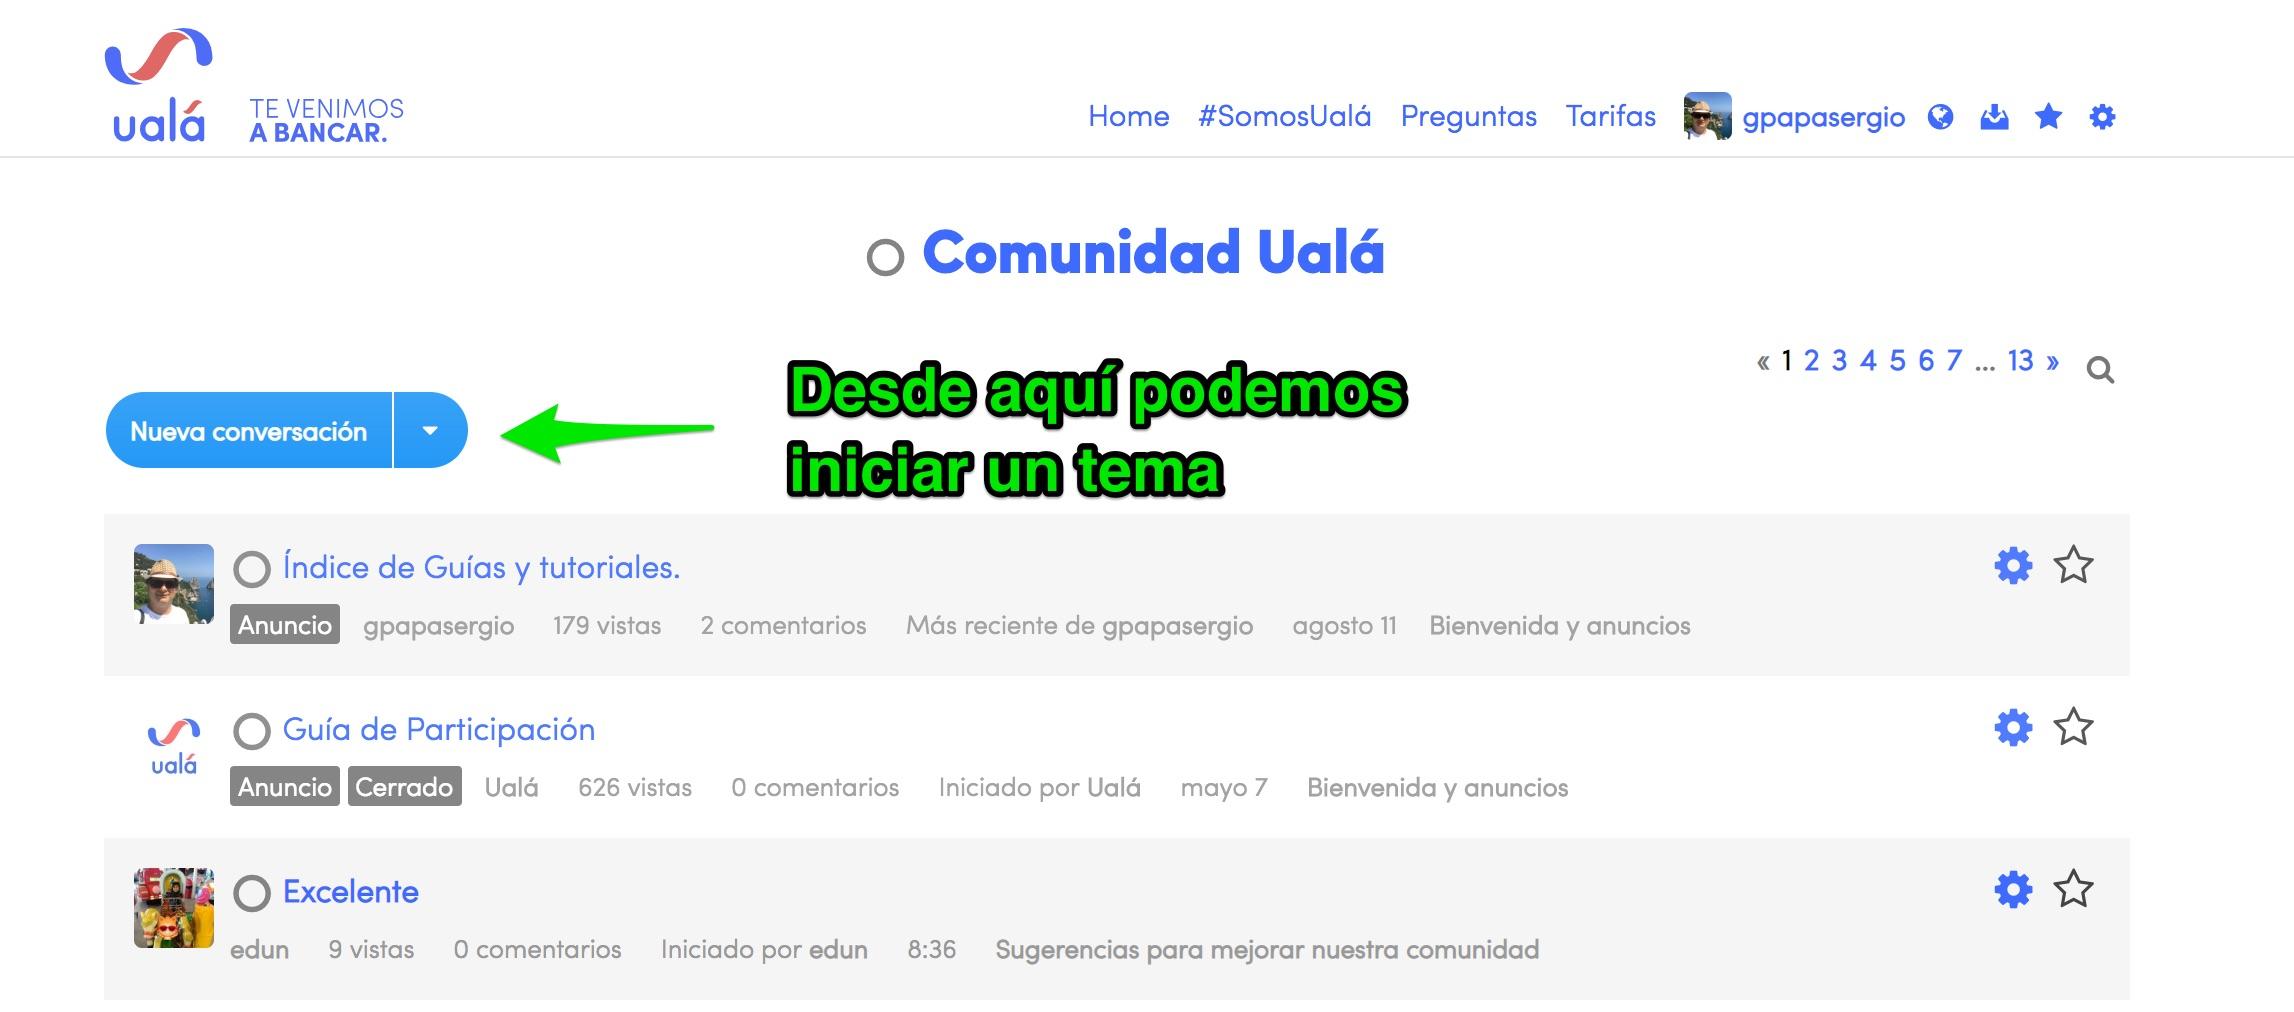 Como obtener ayuda en la comunidad Ual